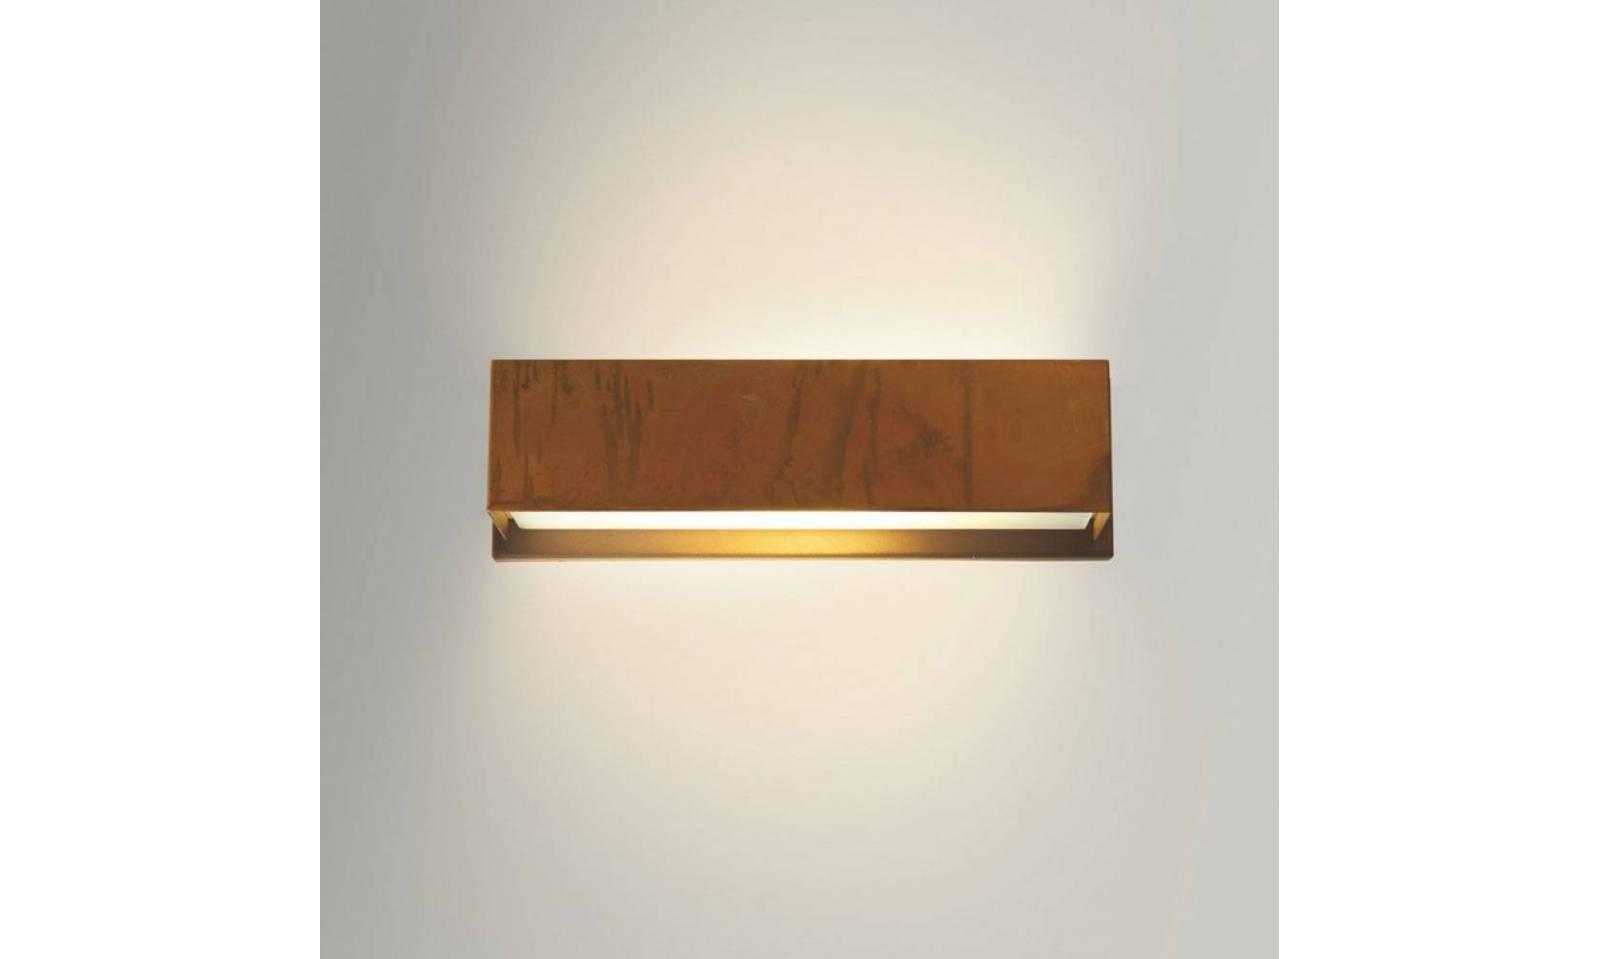 Gibas applique da parete classico serie lola struttura in ottone